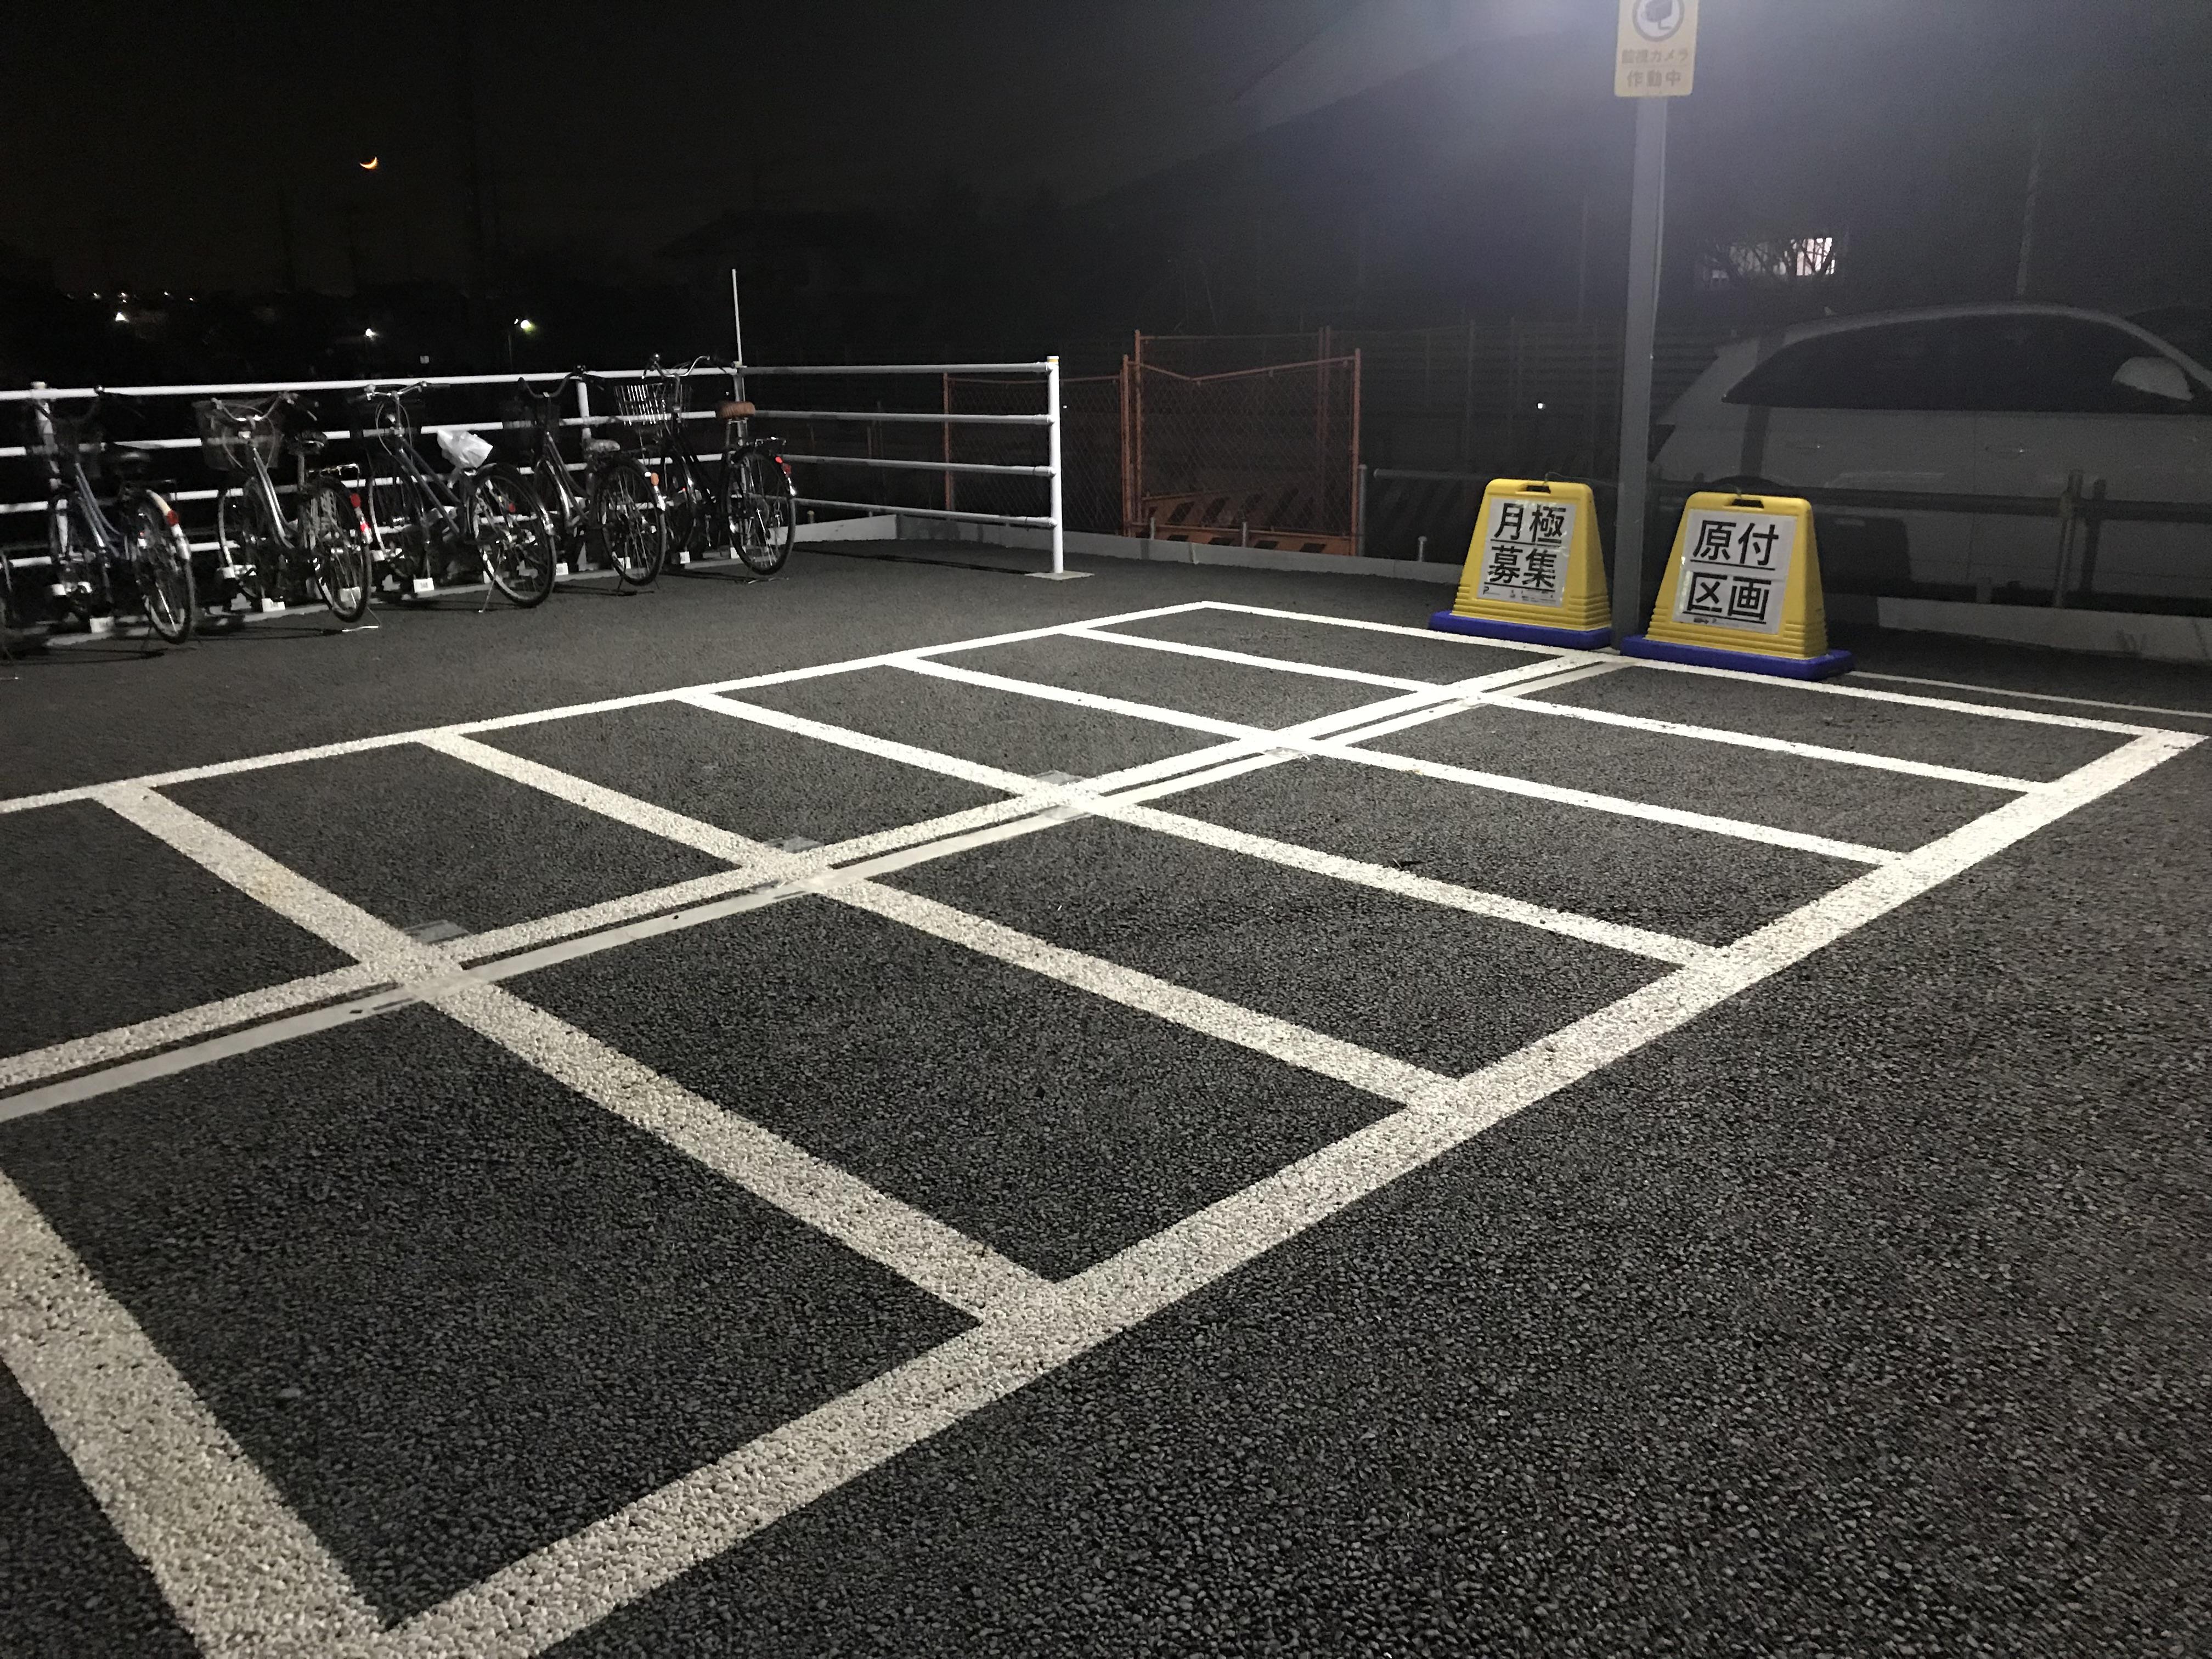 月極駐車場 岩槻駅前駐輪場の写真1